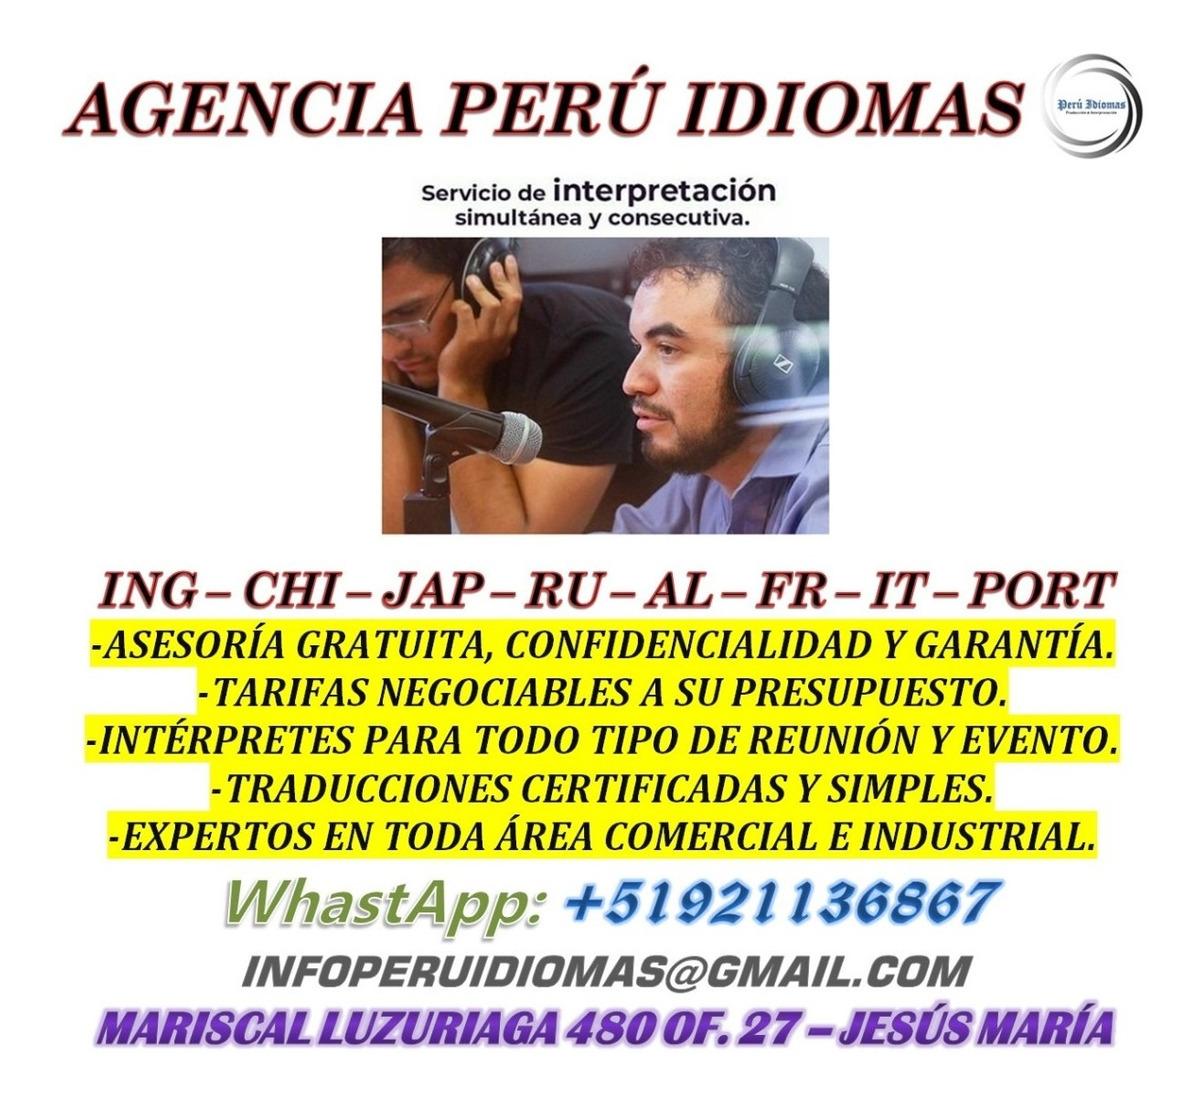 Intérpretes de portugués, hindú, chino y japonés